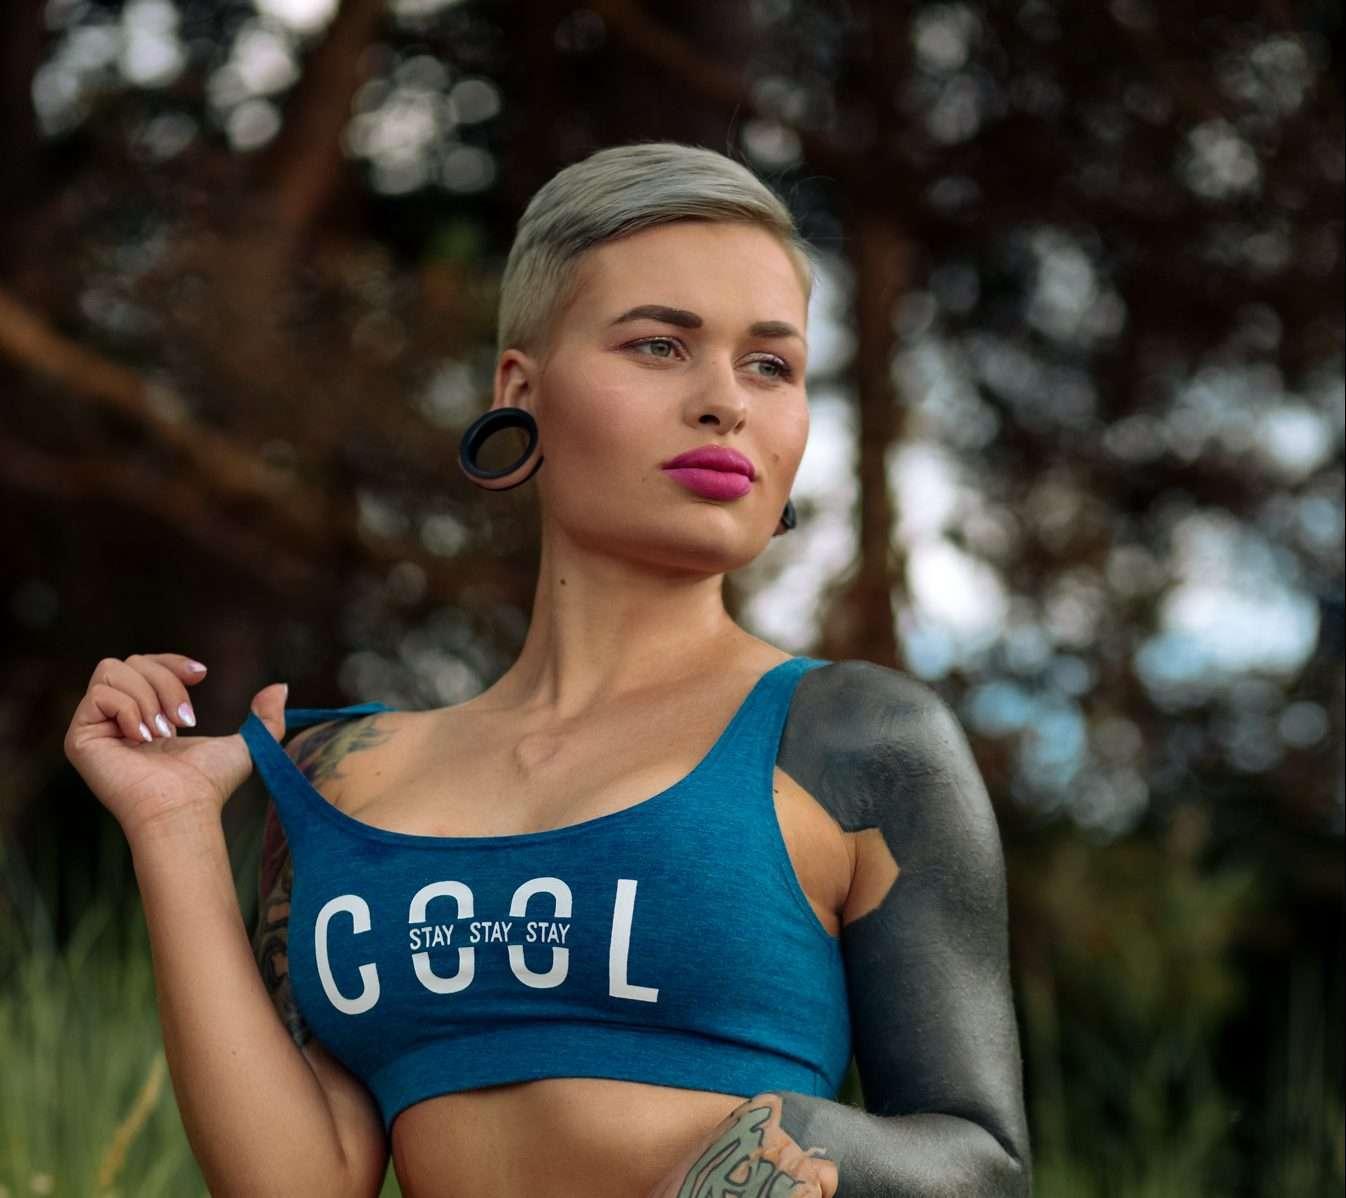 Самая сексуальная вебкам моделью